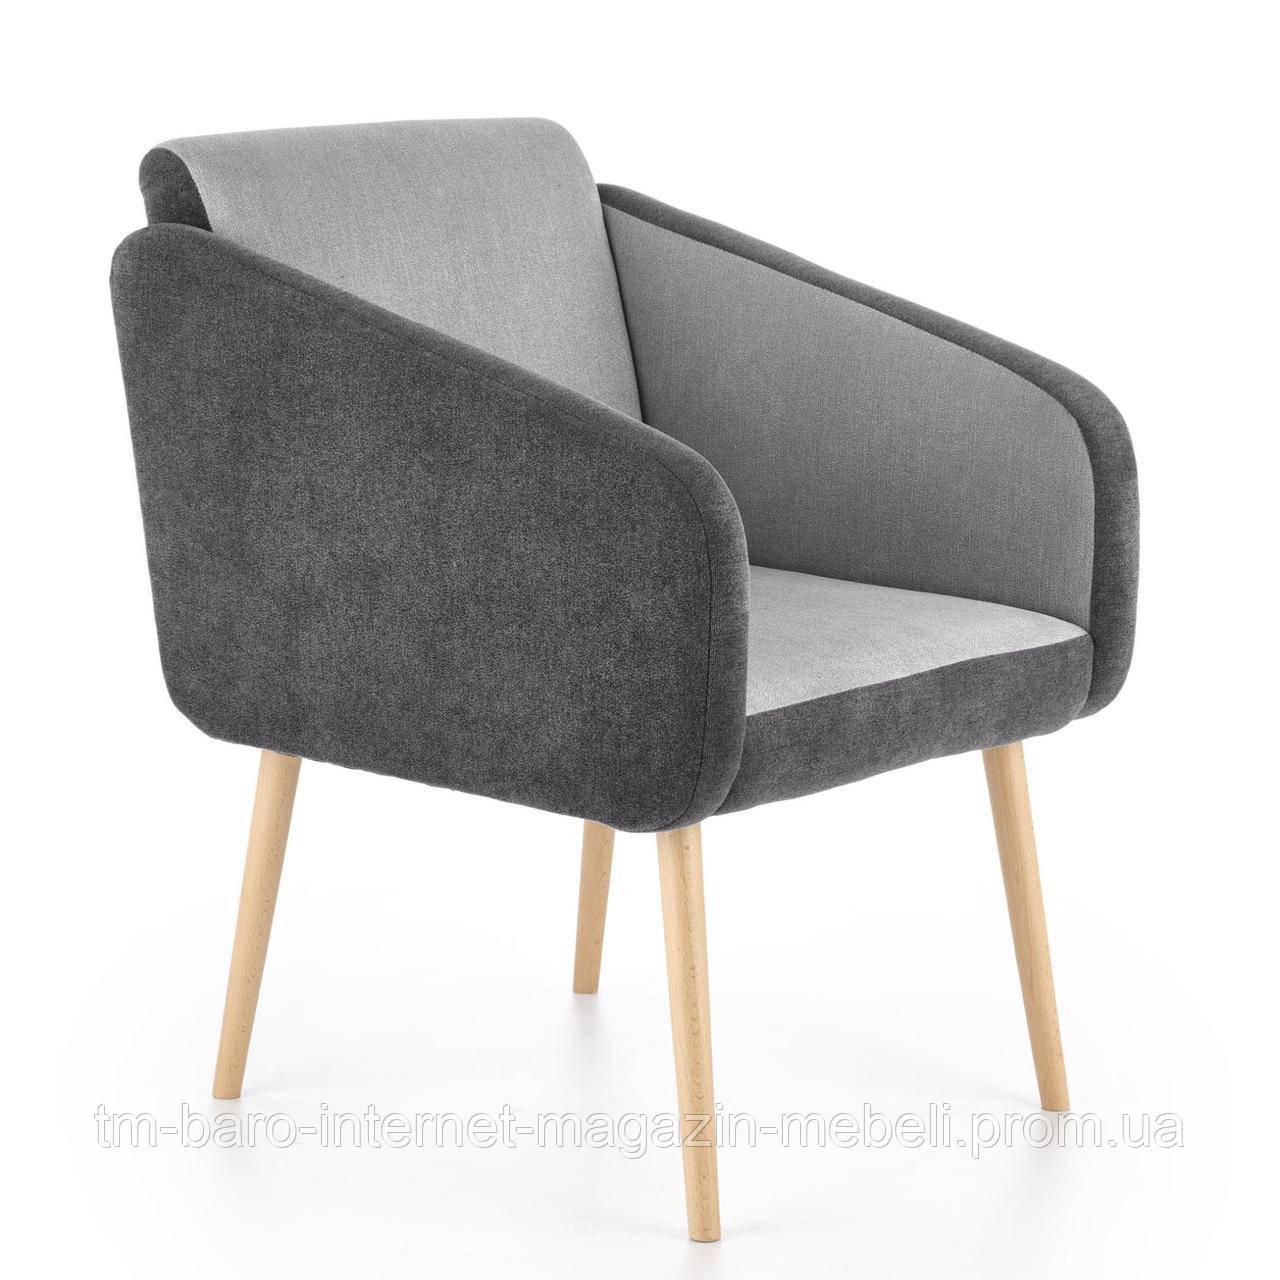 Кресло Well (Велл) светло-серый/серый, ткань, Halmar